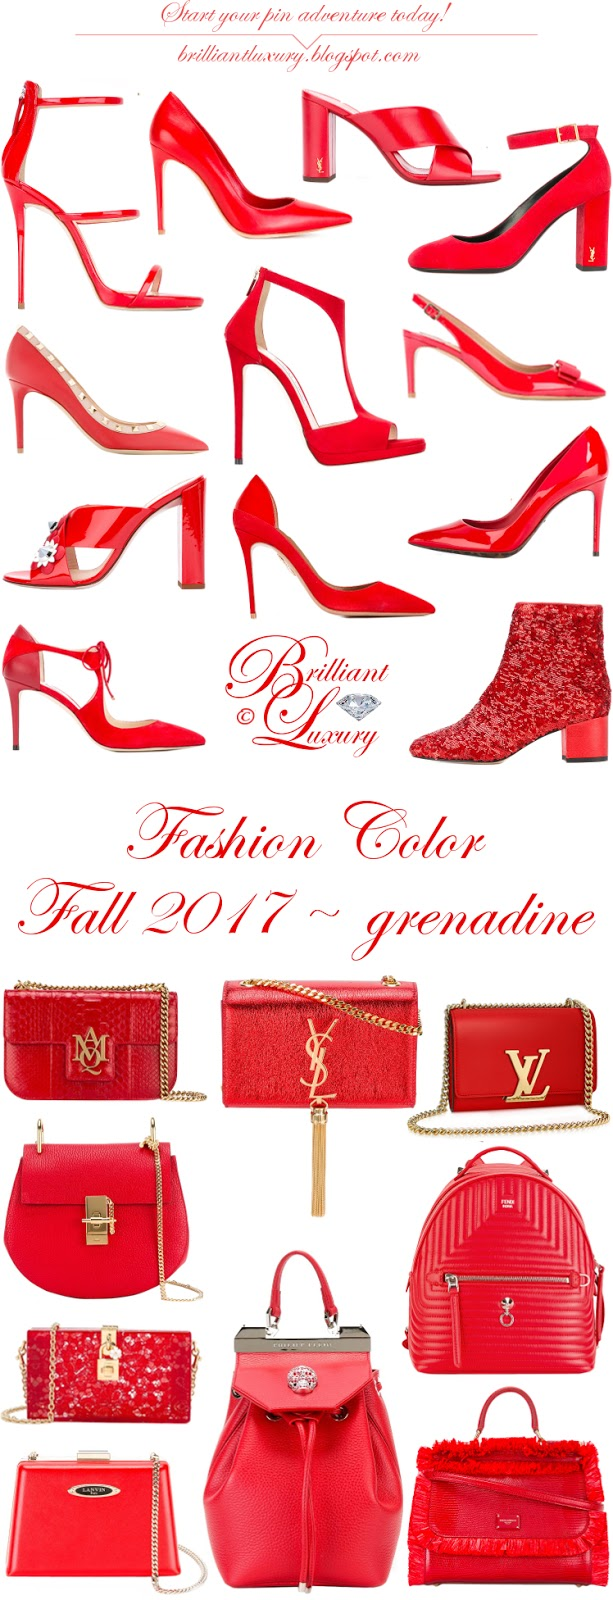 Brilliant Luxury ♦ Fashion Color Fall 2017 ~ grenadine